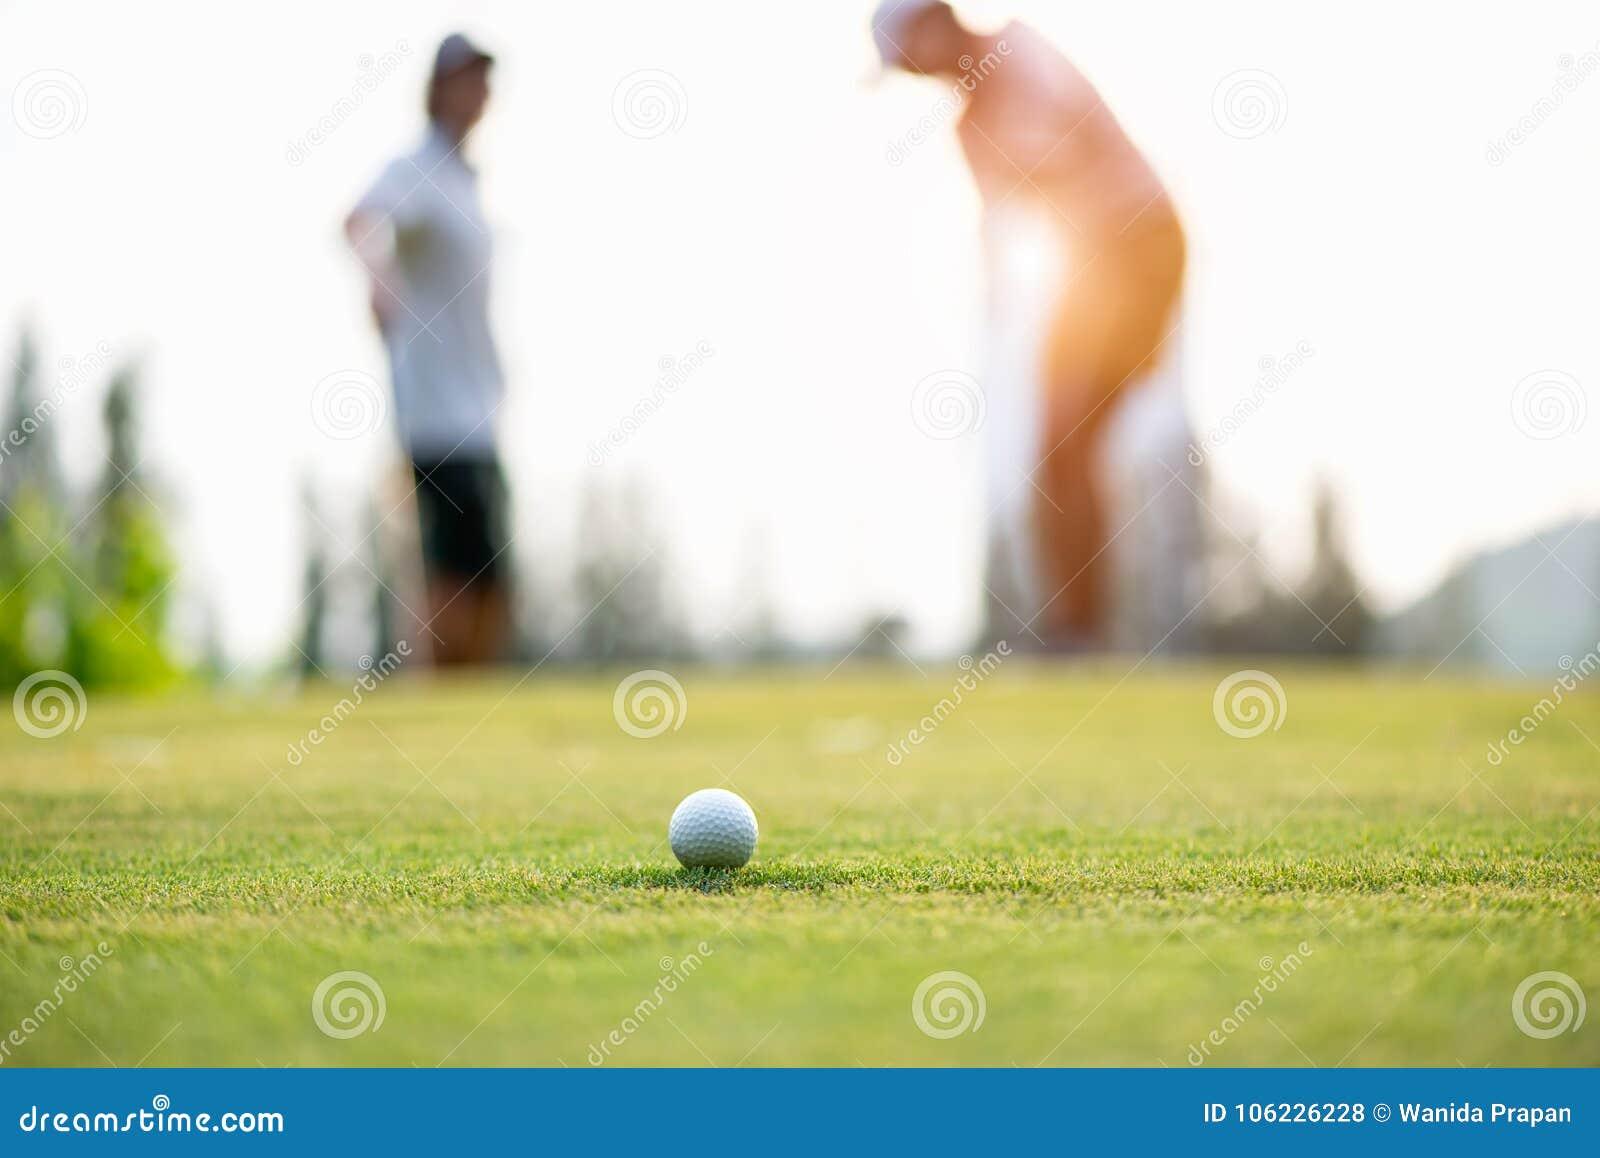 Προσέγγιση σφαιρών γκολφ στη λαβή στο πράσινο Φορέας γκολφ ζεύγους που βάζει τη σφαίρα γκολφ στο υπόβαθρο